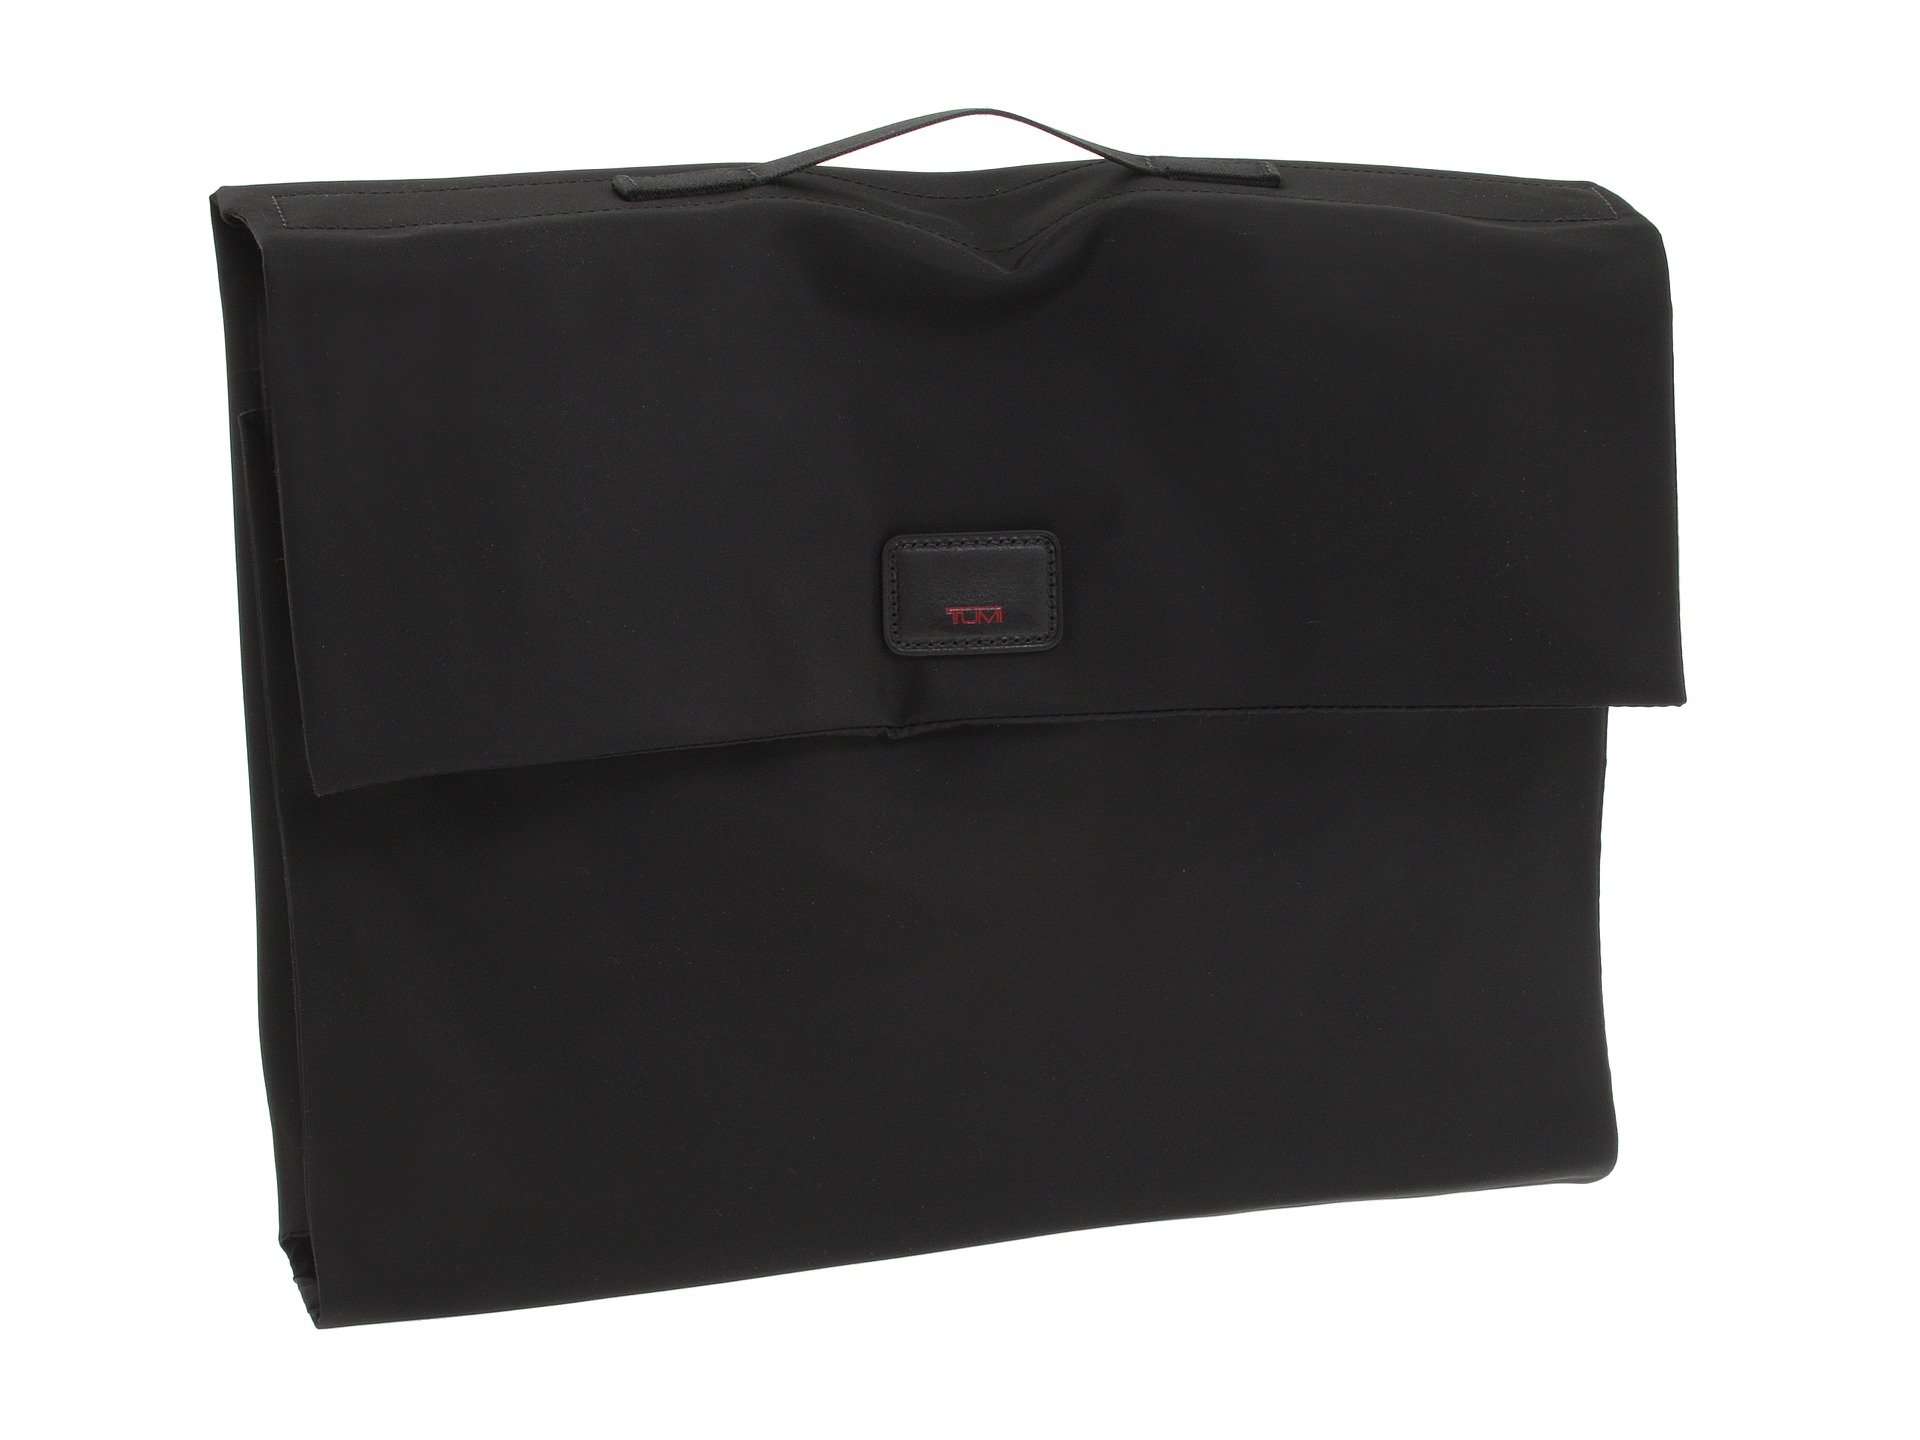 Medium Pack Folding Flat Accessories Tumi Packing Black ZEwqOx0x